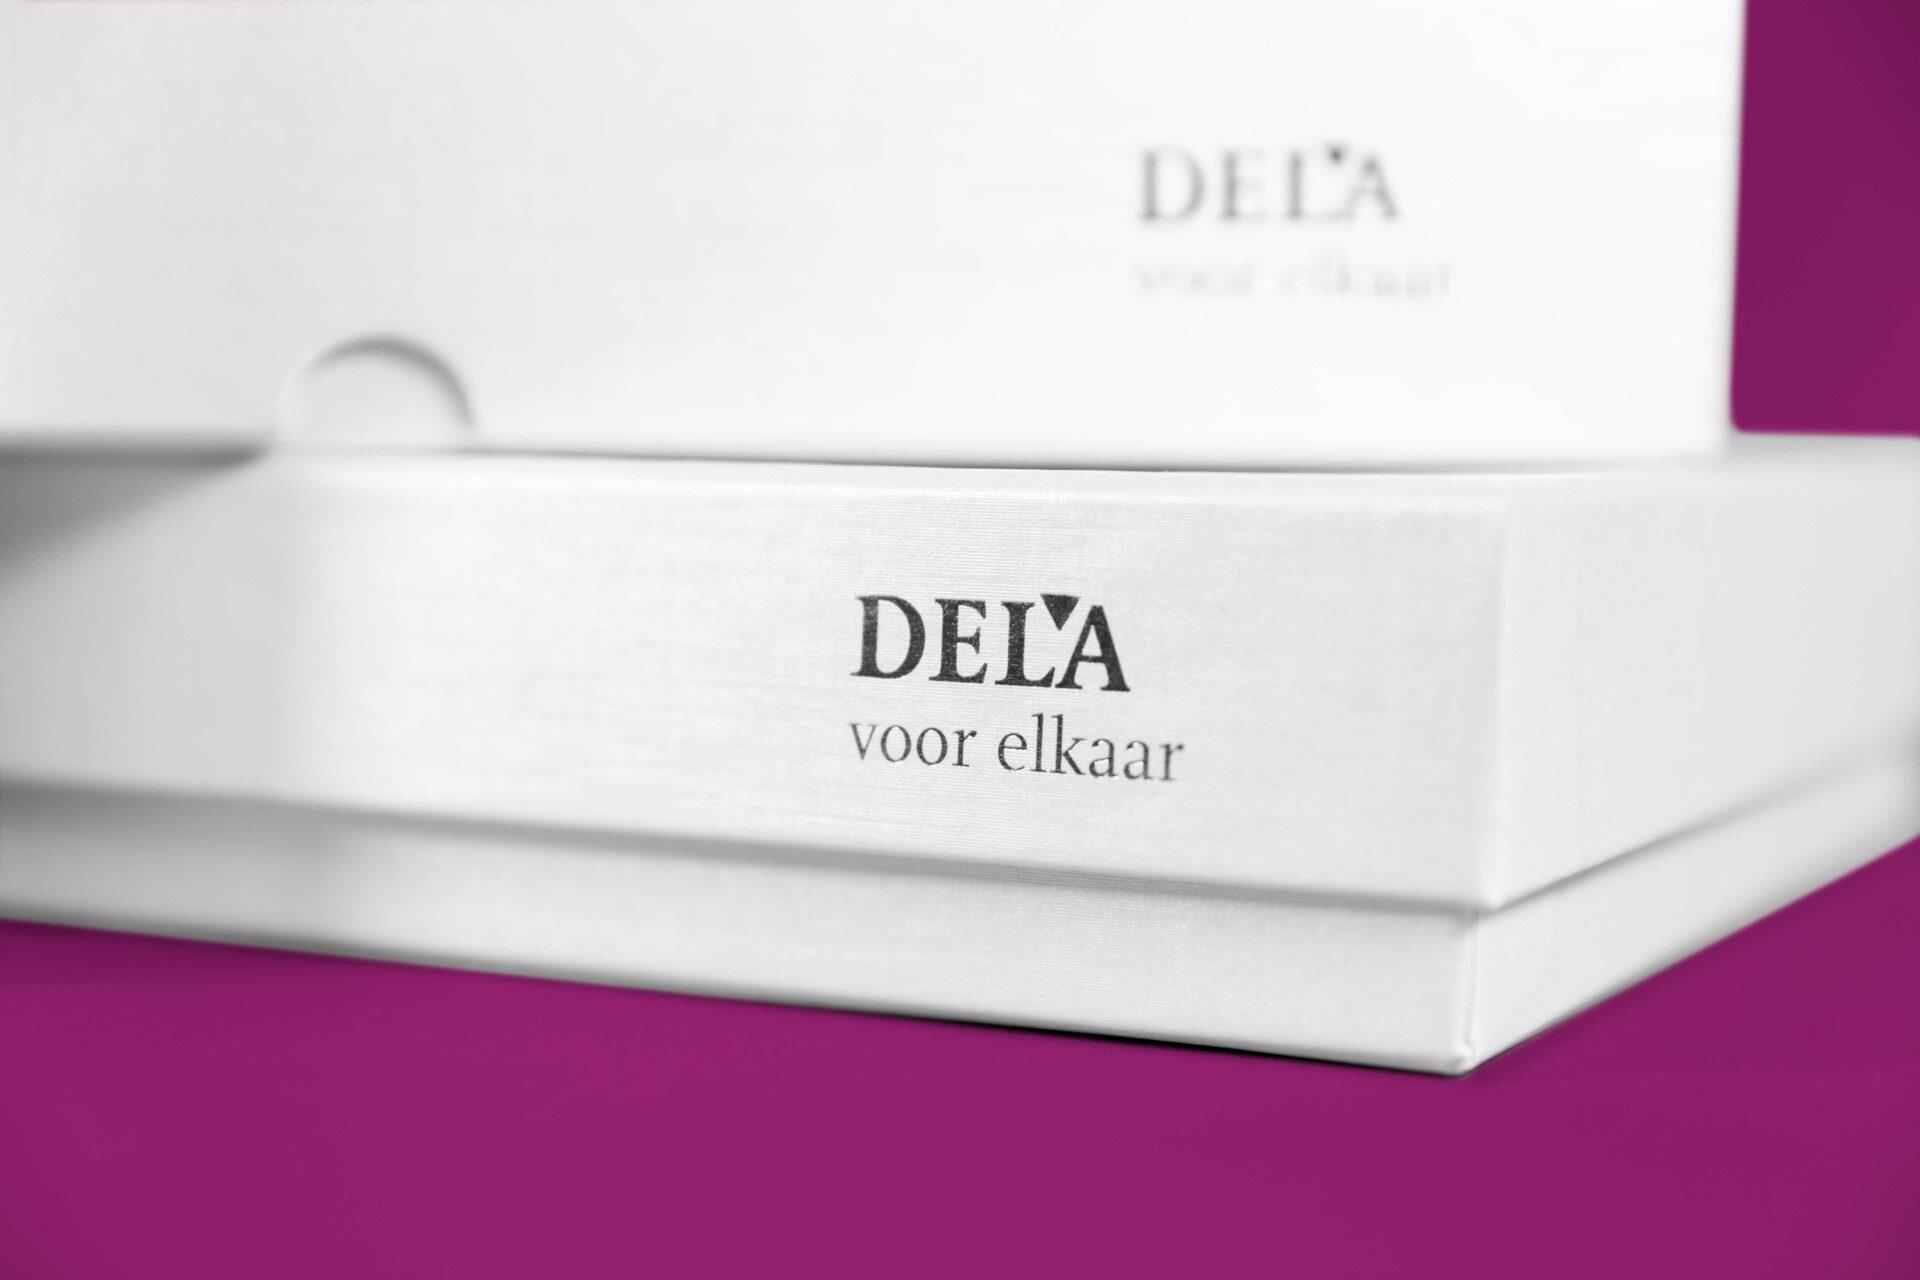 Doosje met deksel Dela